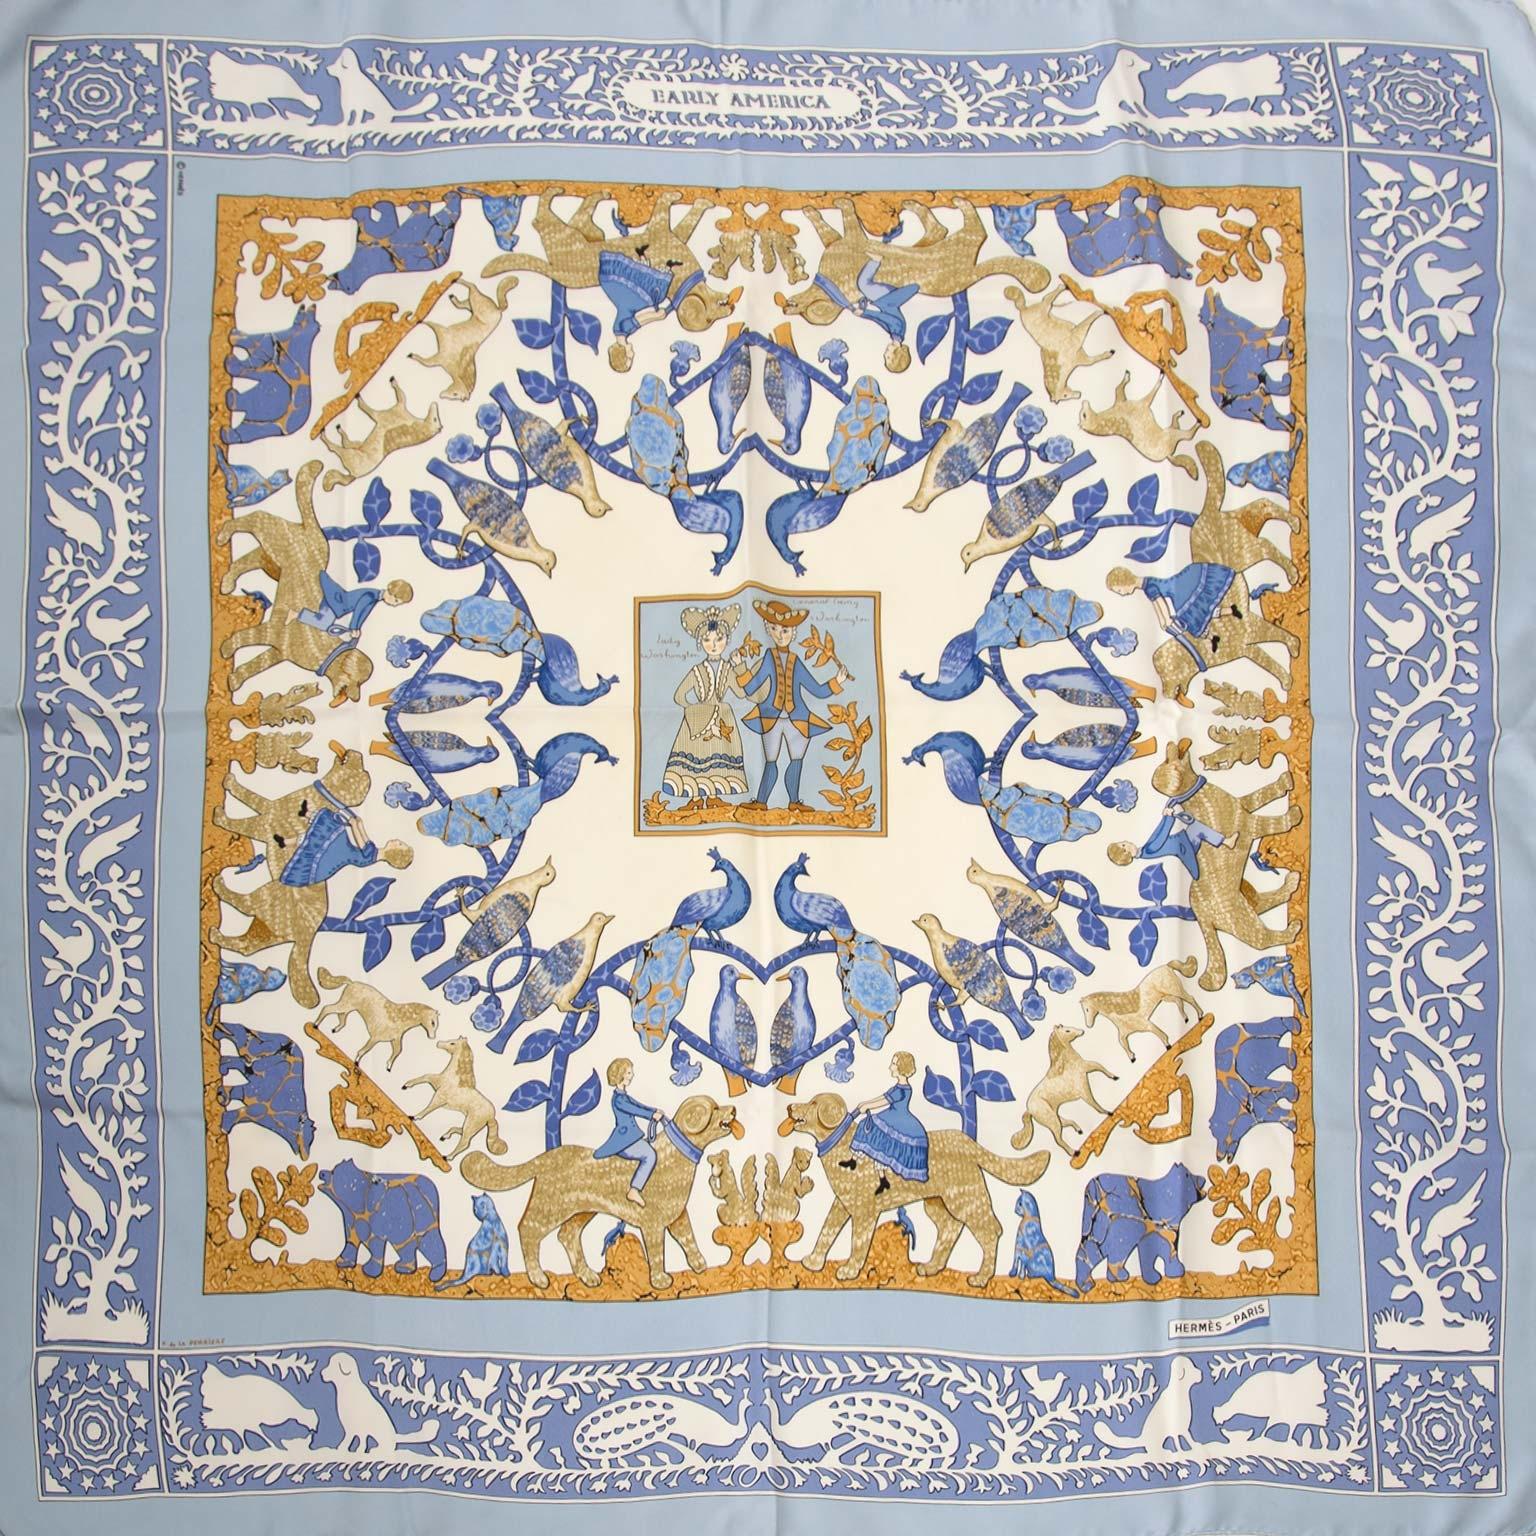 Koop en verkoop uw authentieke designer sjaal aan de beste prijs bij Labellov